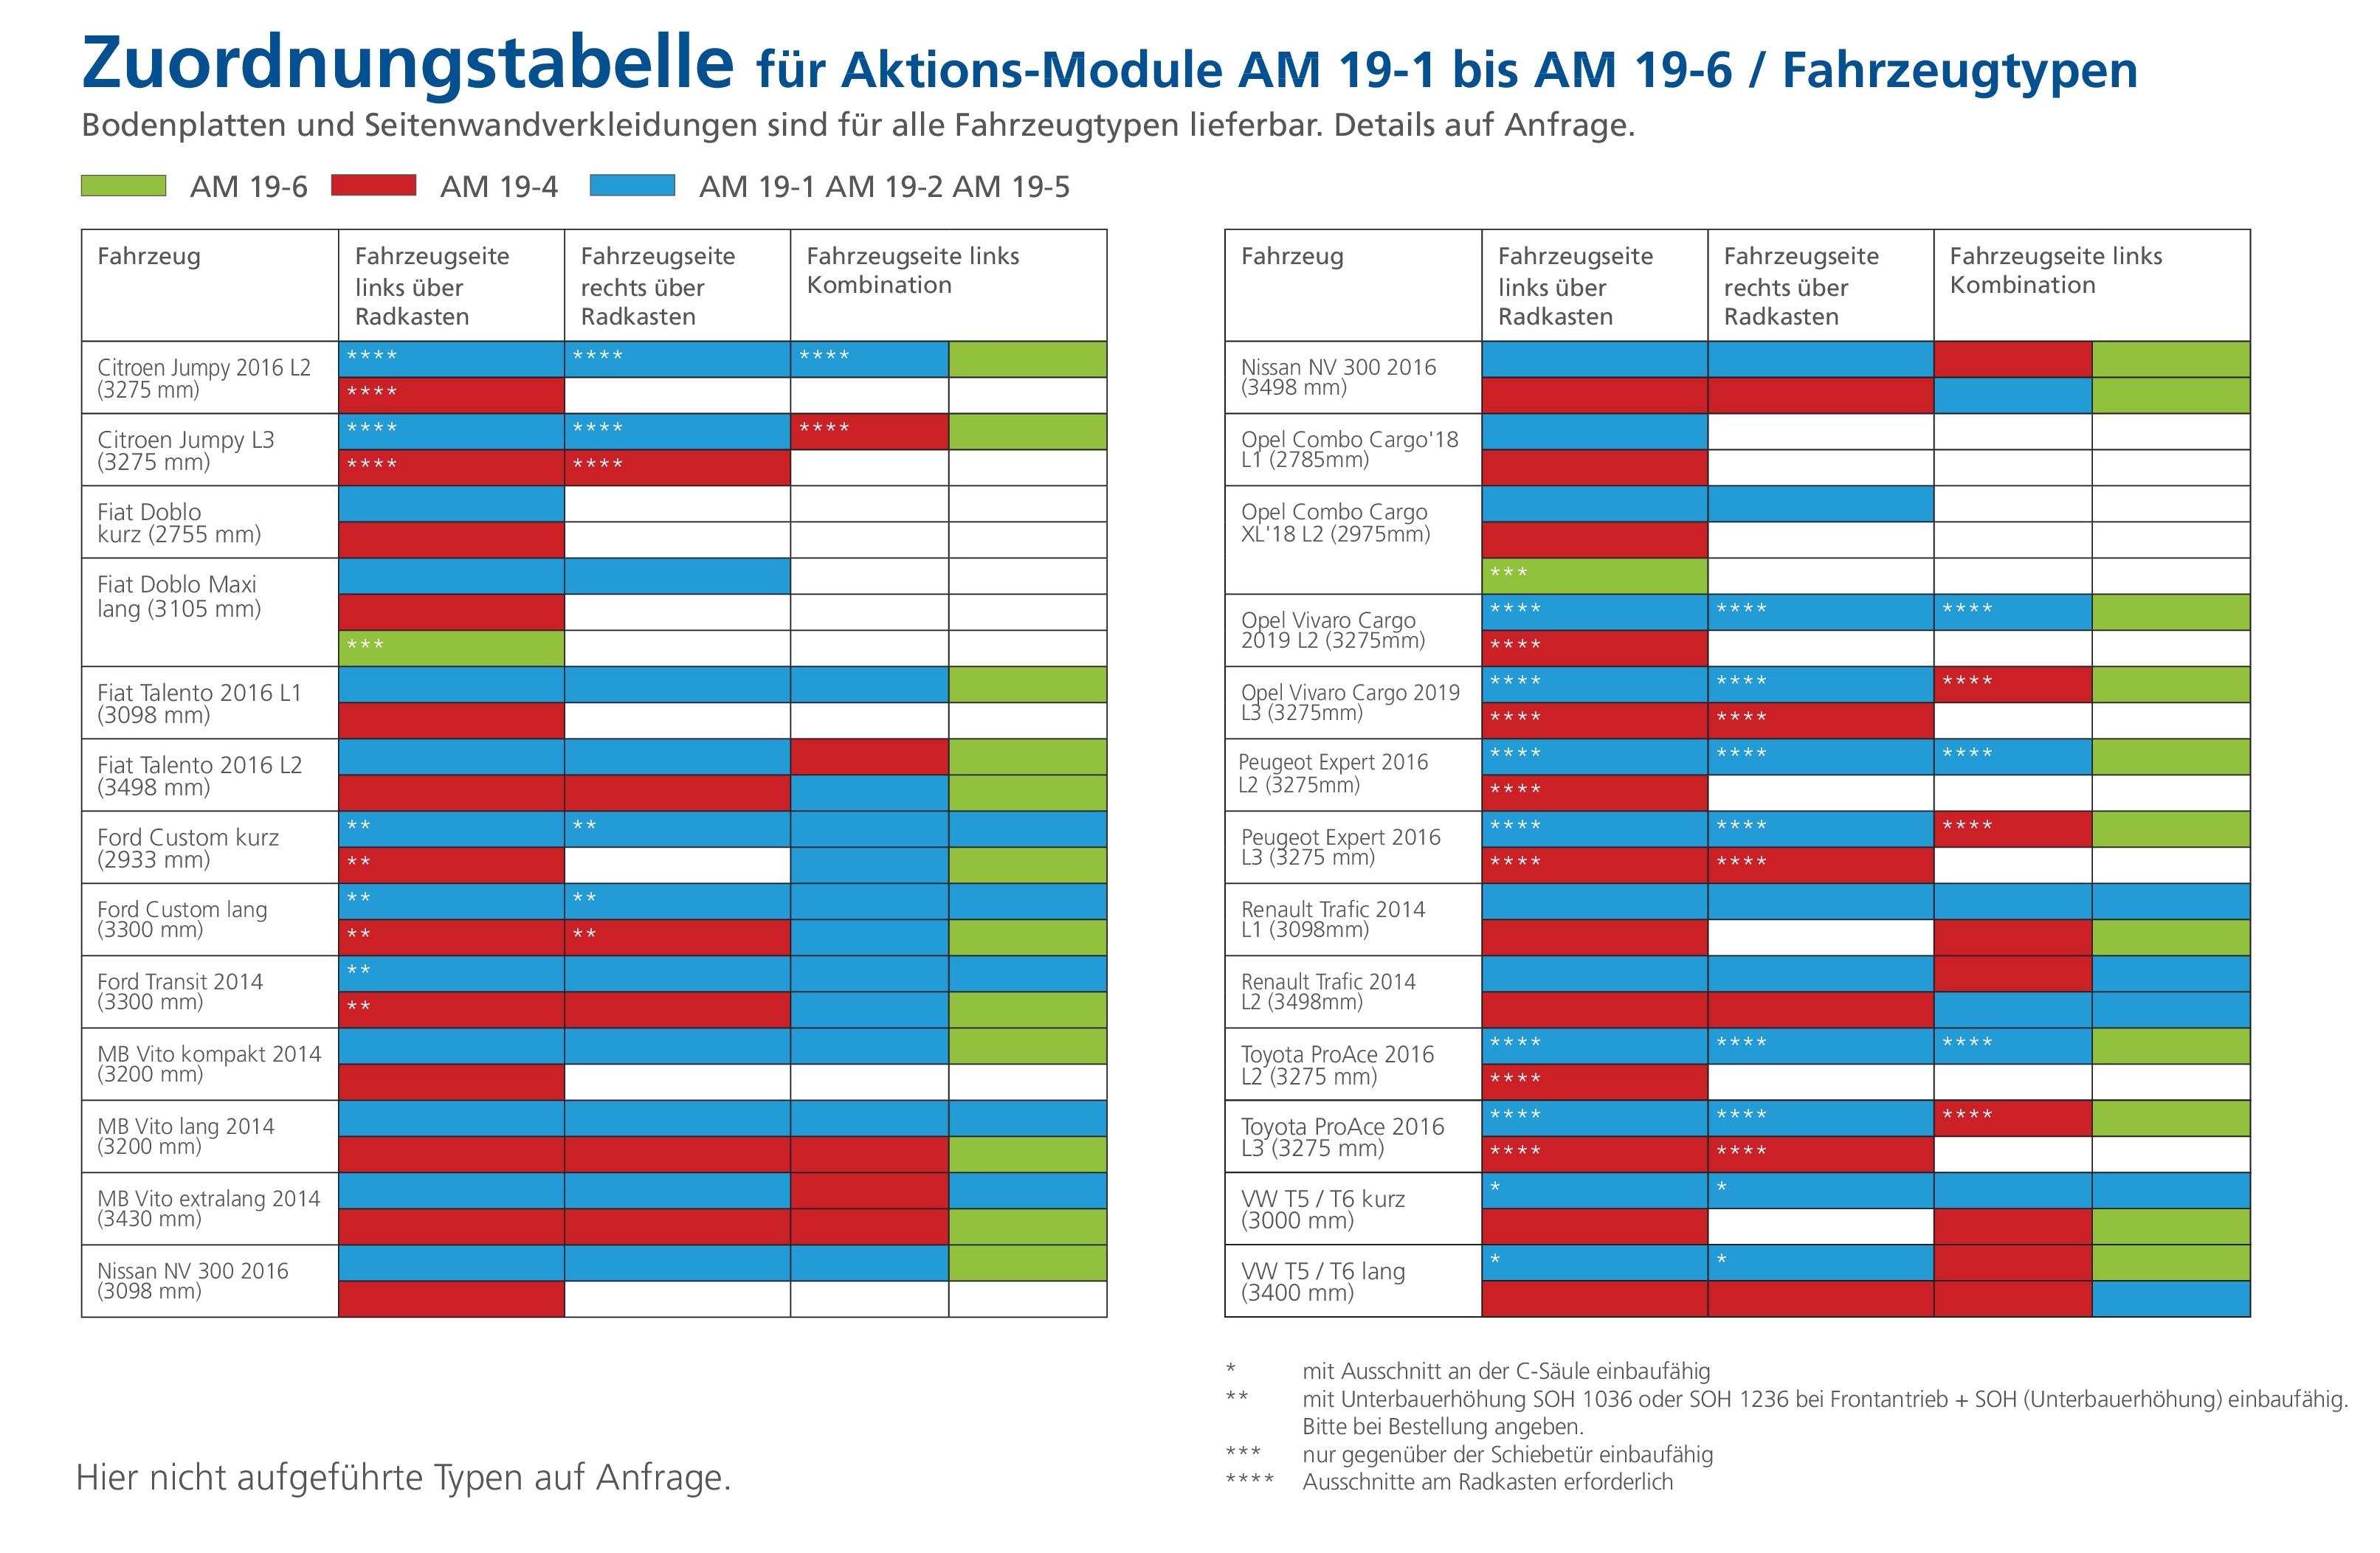 Aktions-Module-Zuordnungstabelle